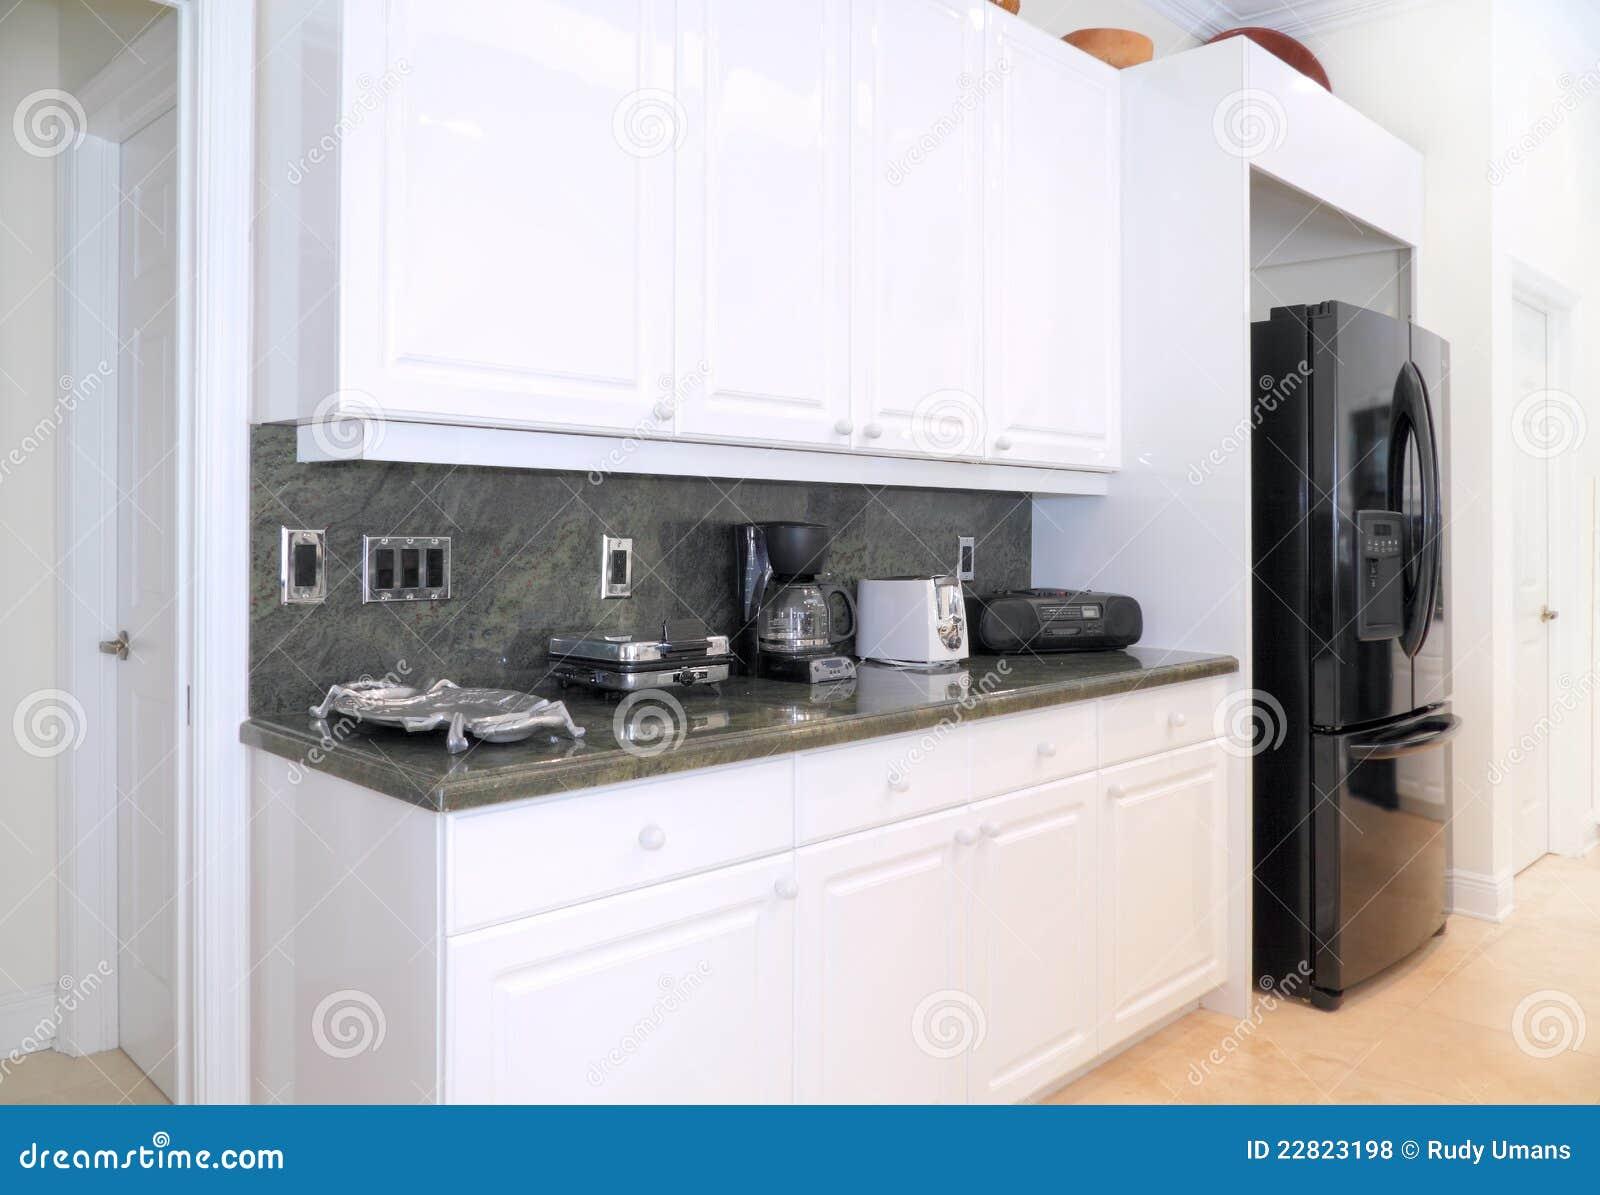 Kitchen royalty free stock photos image 22823198 - Upscale kitchen appliances ...